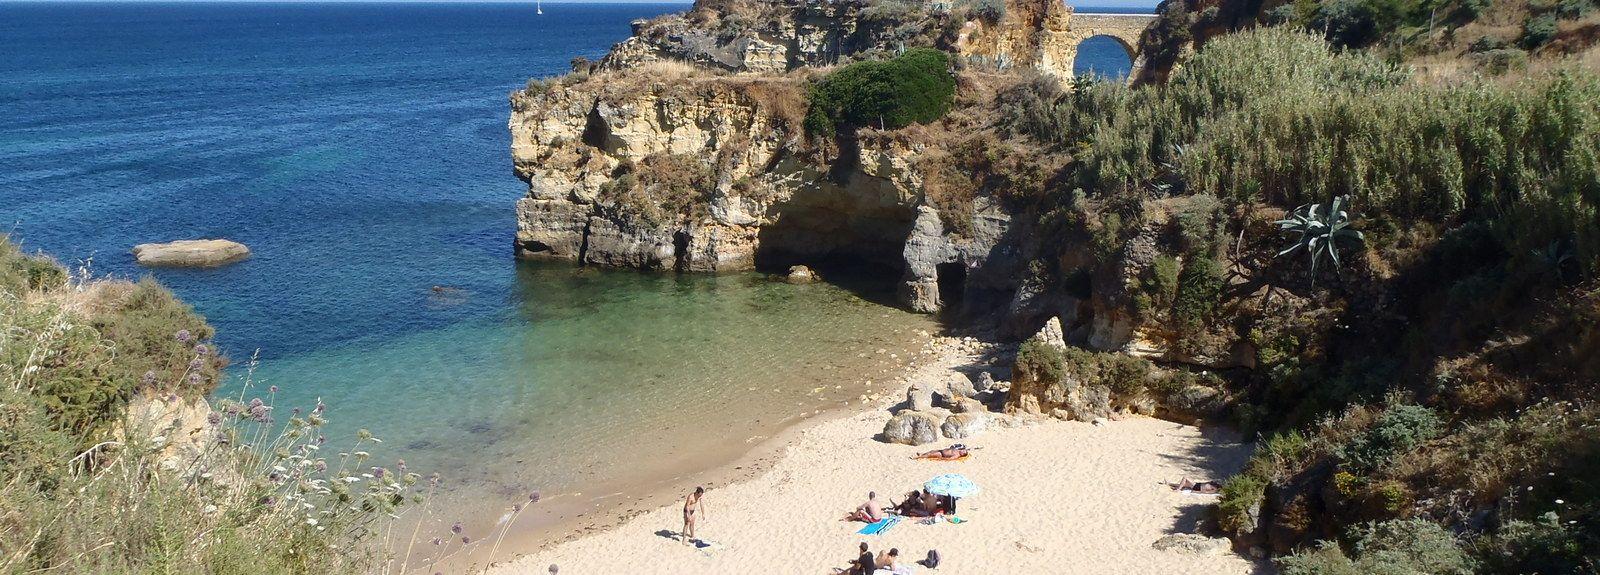 Alfarrobeira, Odiáxere, Distrito de Faro, Portugal